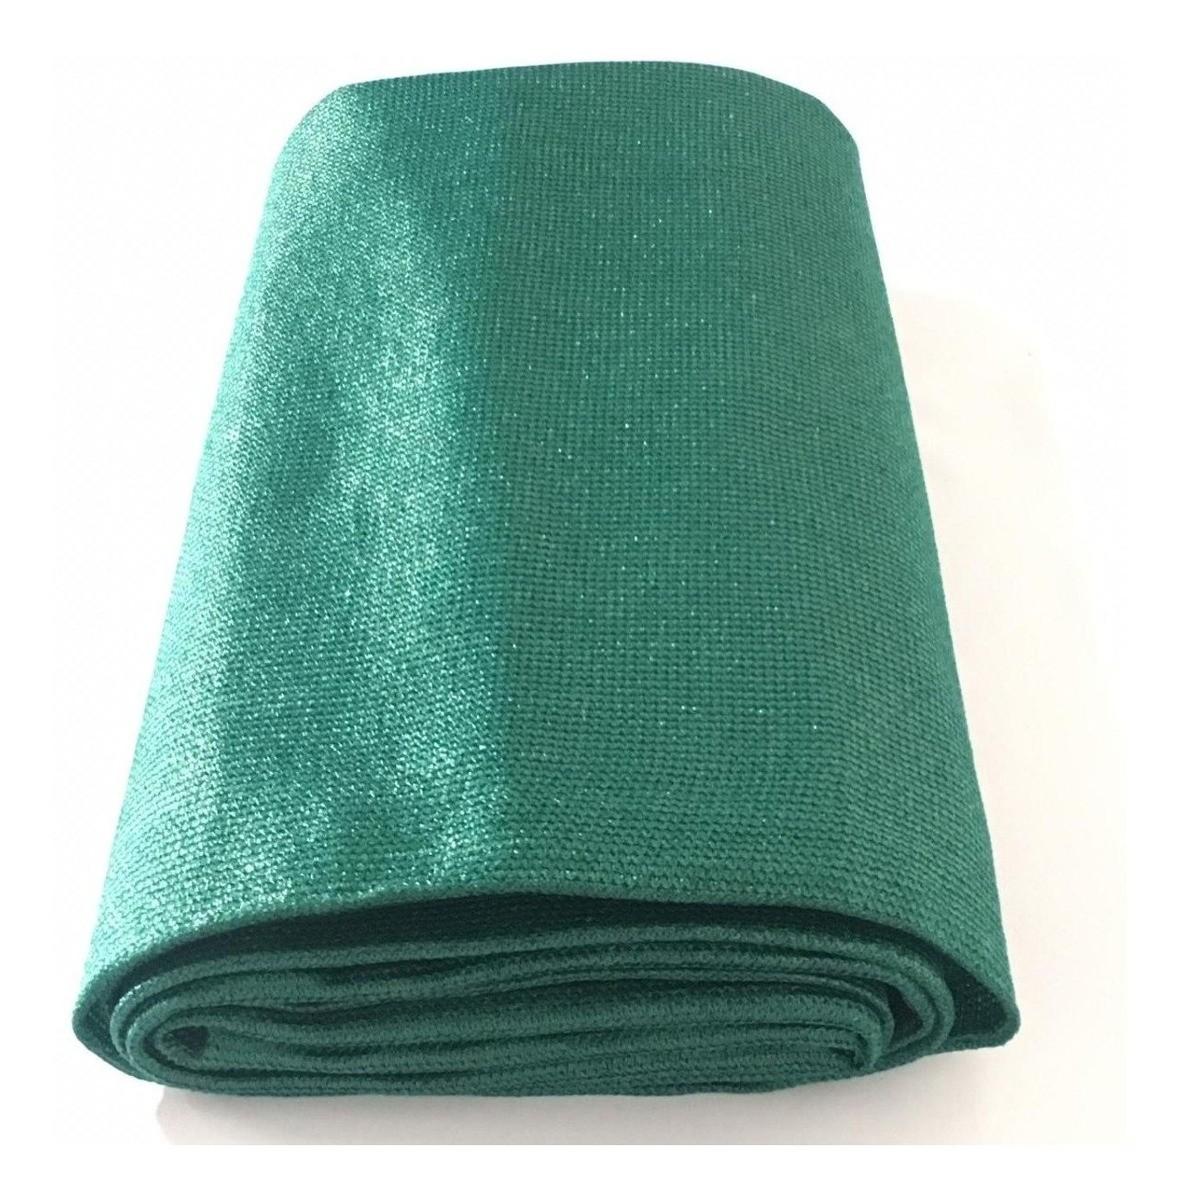 Tela Shade Sombrite Toldo Decorativa Verde Com Bainha e Ilhós 5x2m